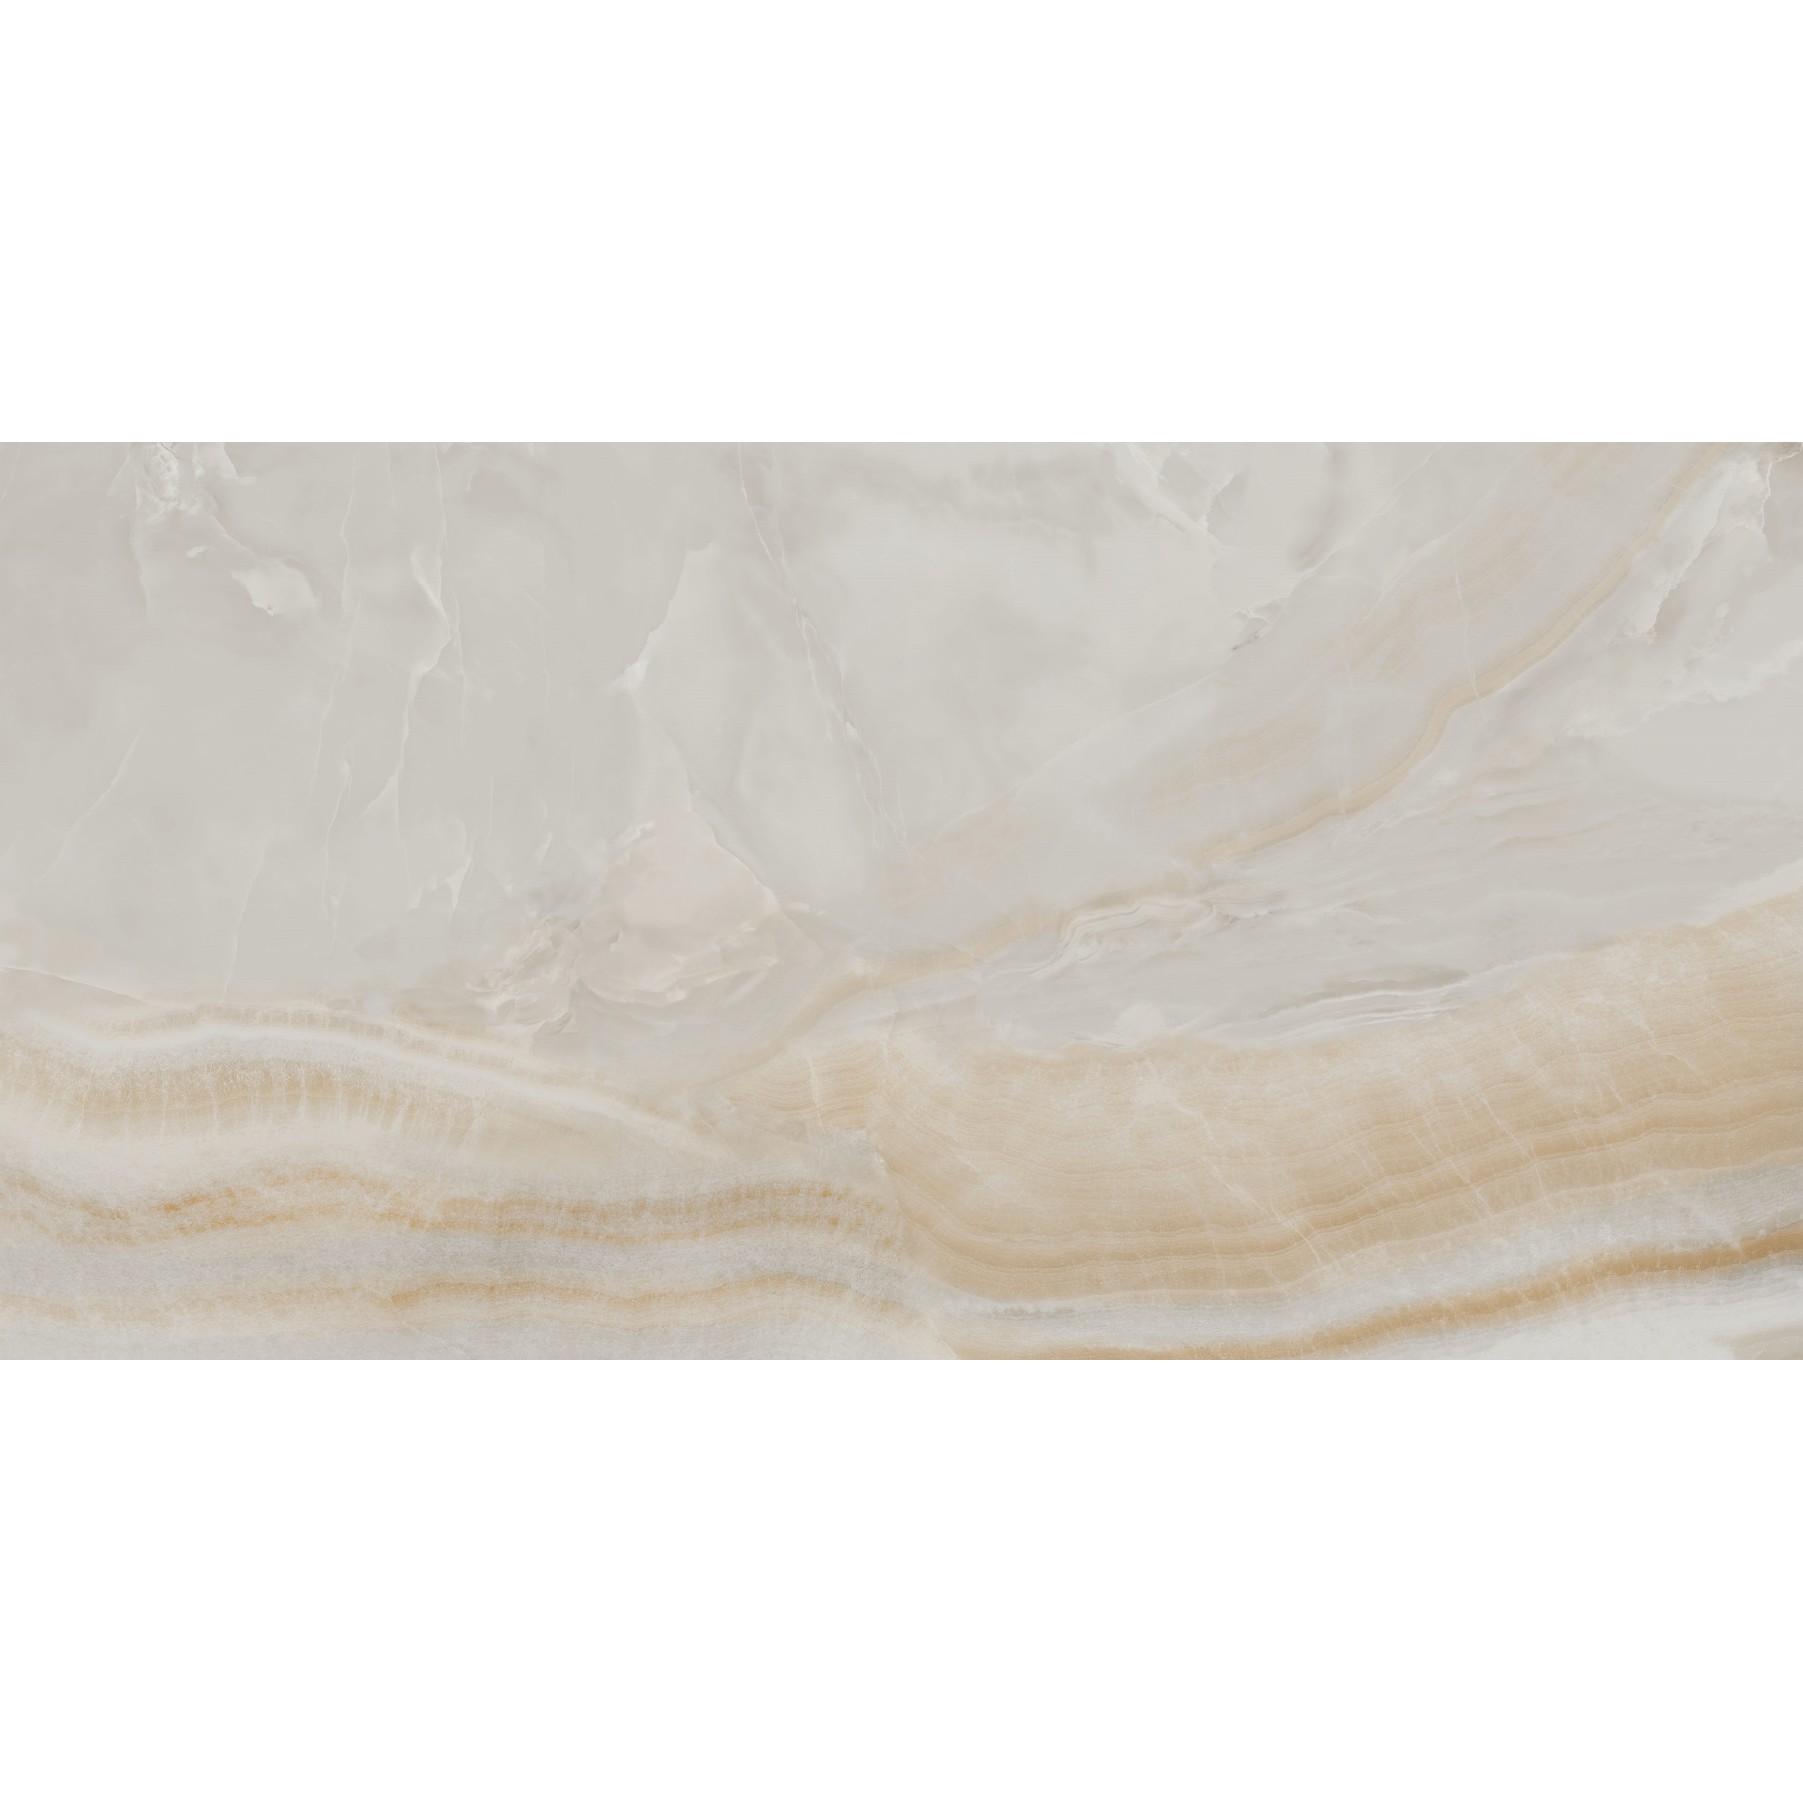 Porcelanato Tipo A 100x200 cm Allure Brilhante 20m Retificado - Roca